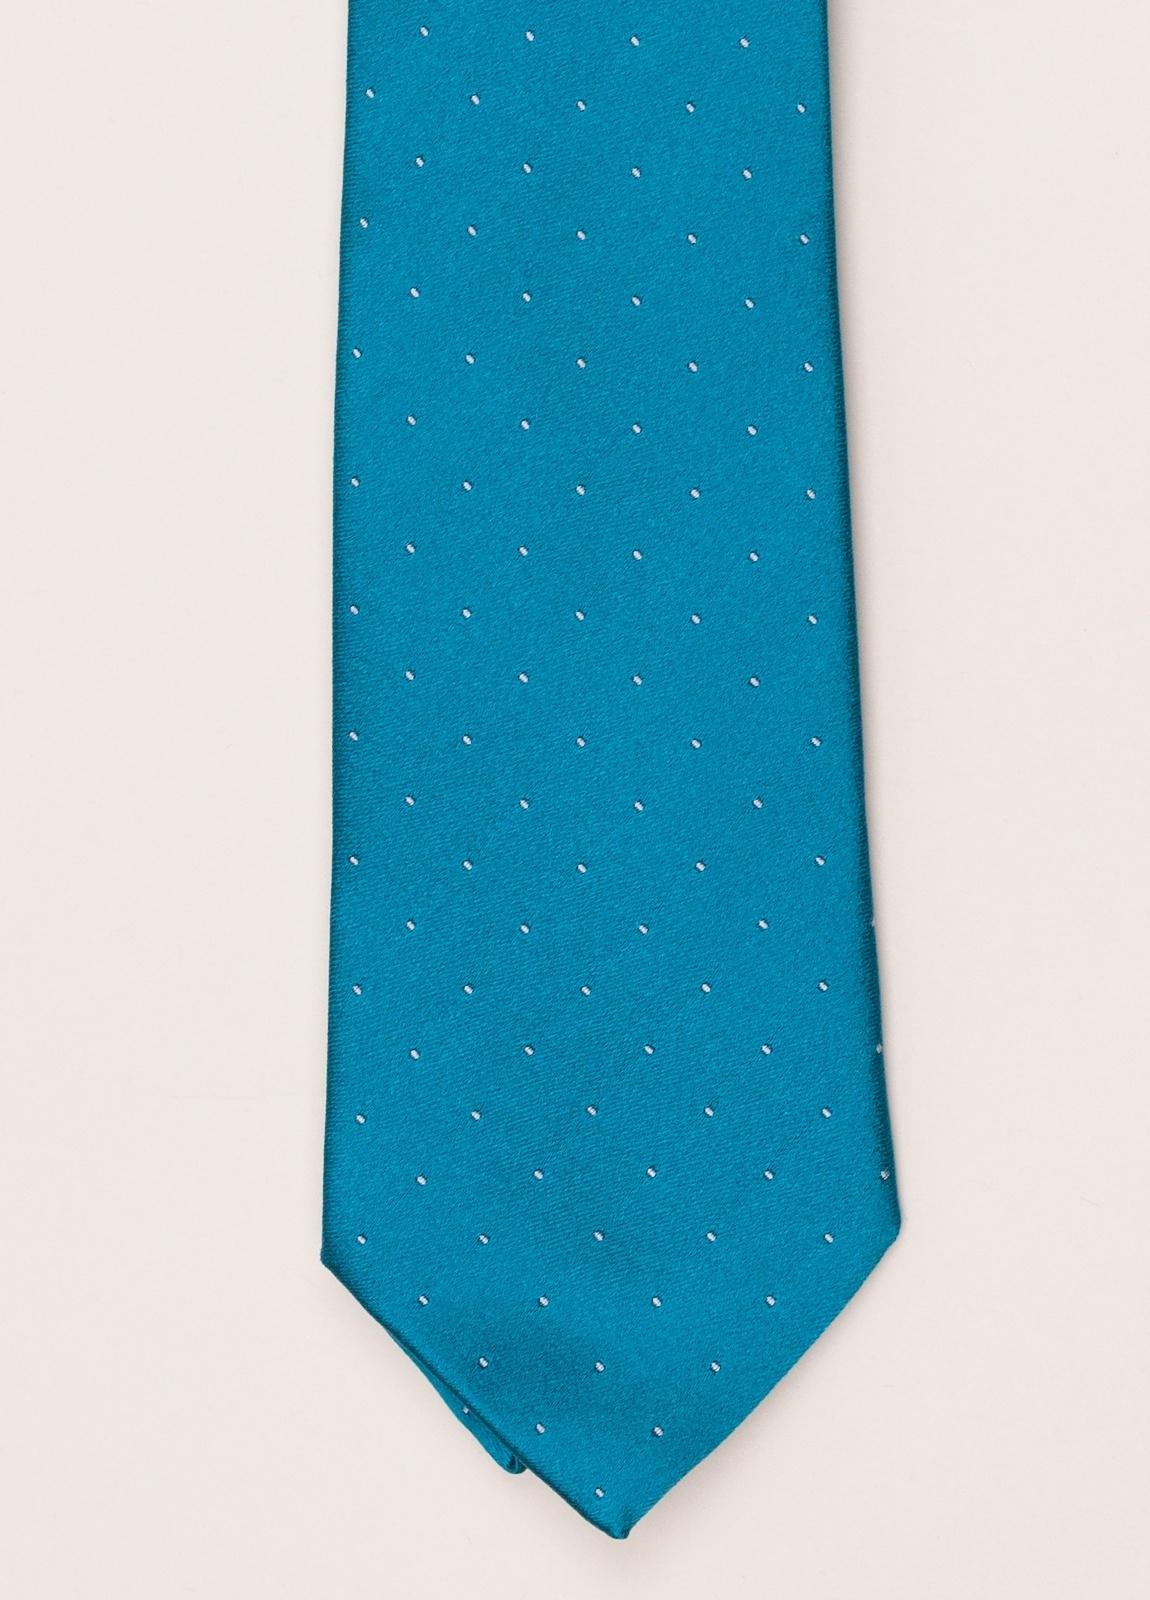 Corbata FUREST COLECCIÓN azul turquesa